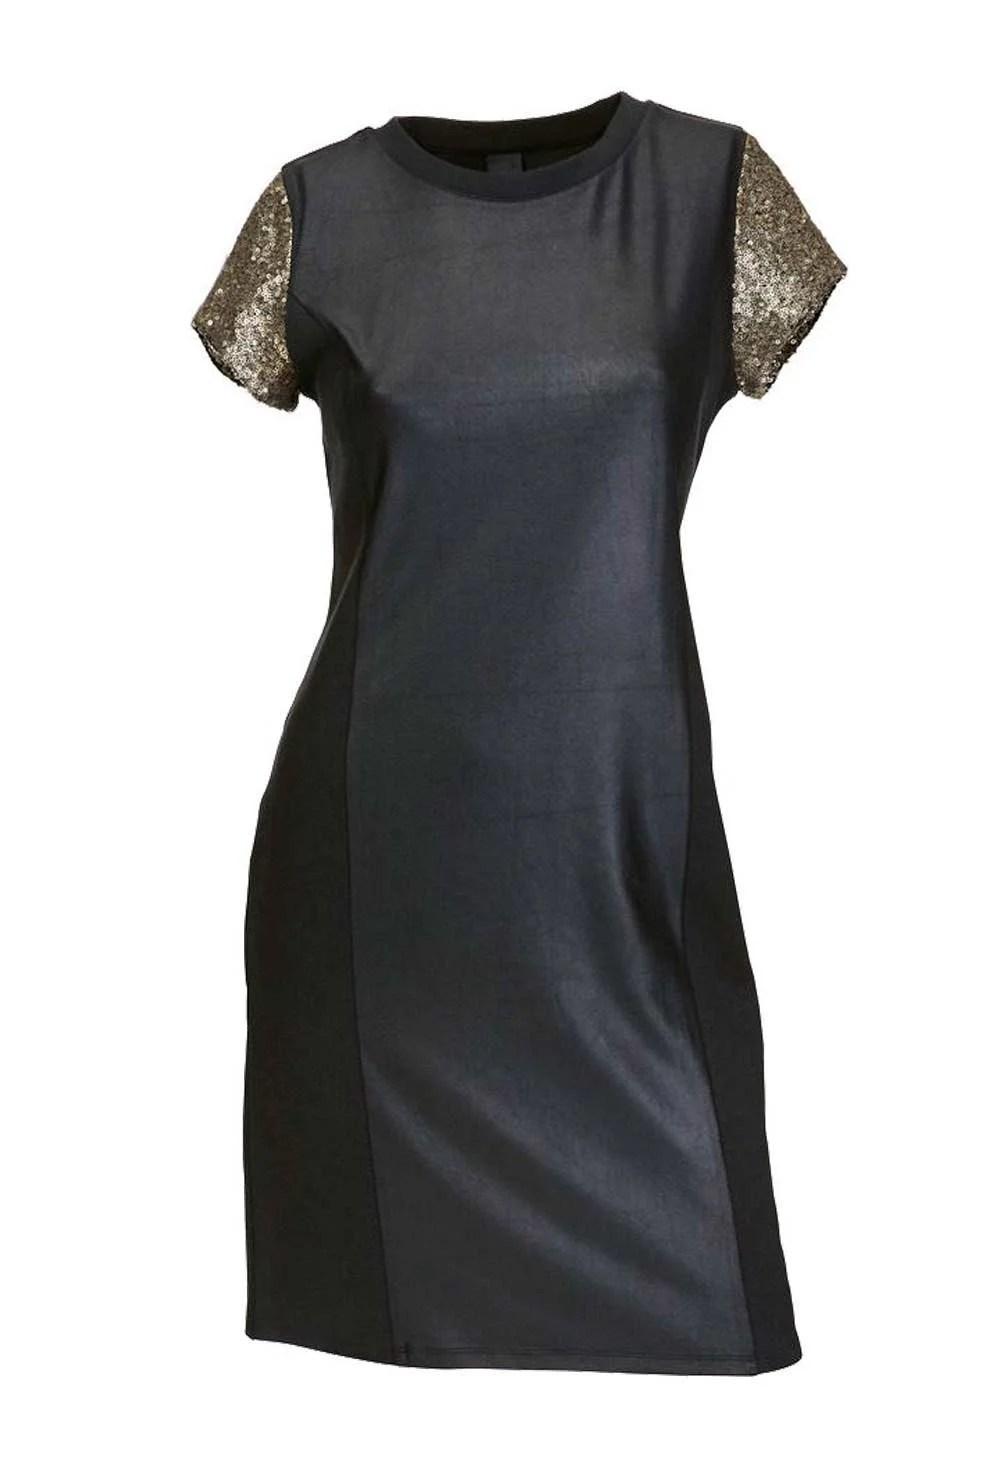 122.380 HEINE Damen Designer-Etuikleid m. Pailletten Schwarz-Gold